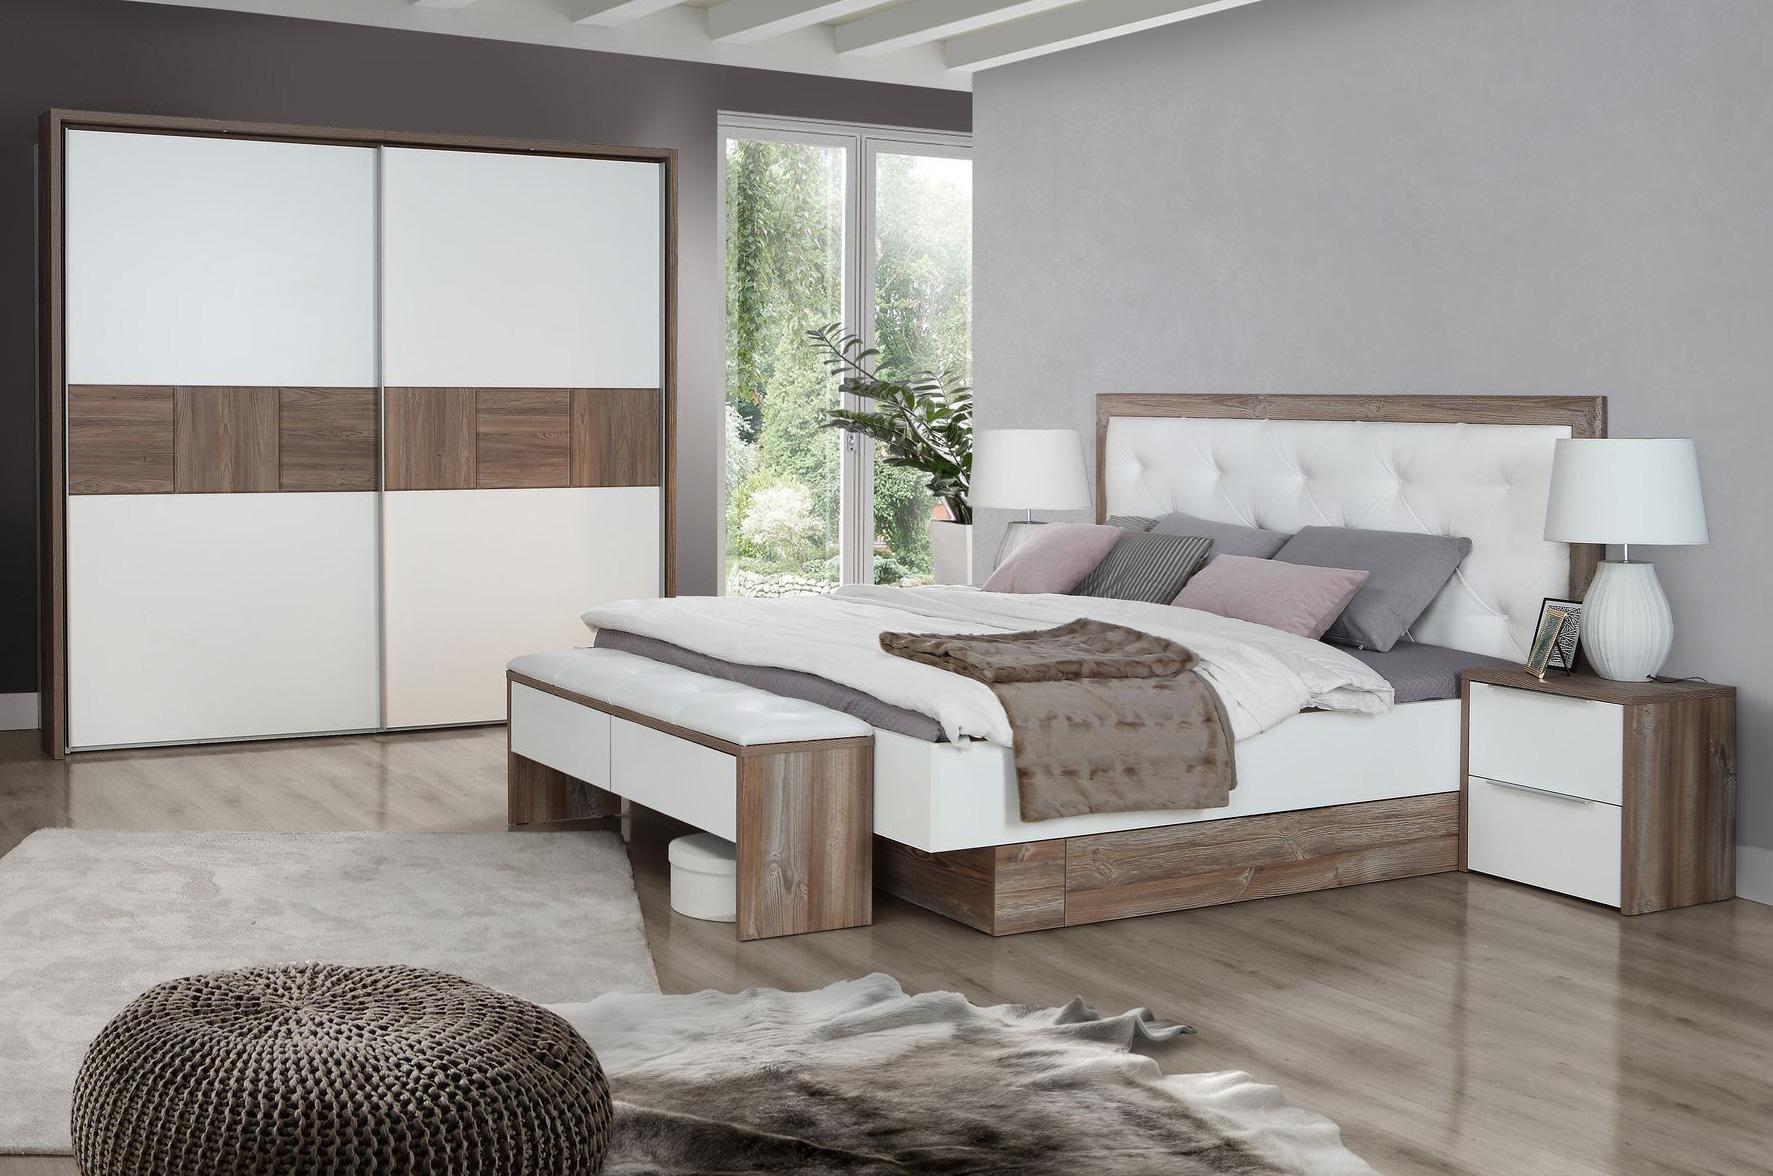 EVANDO Komplett-Schlafzimmer Picea Kiefer Nachbildung MDF/weiss 220 cm